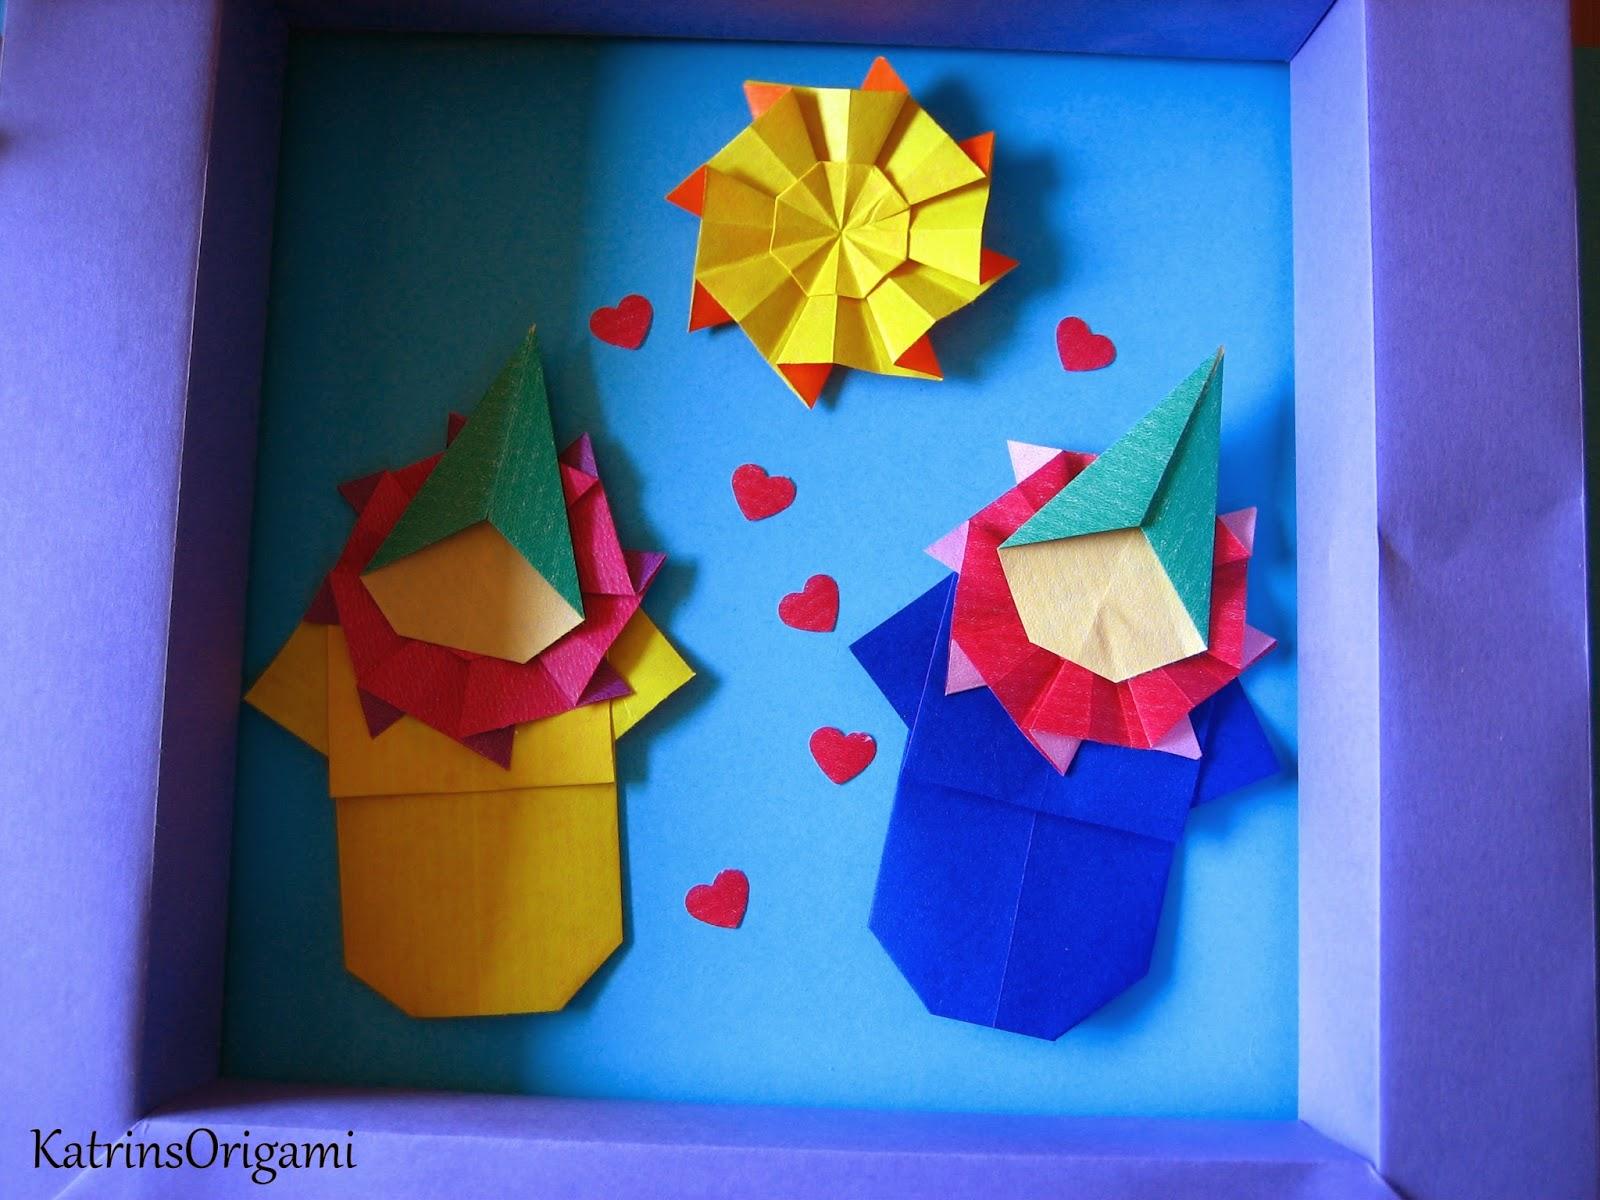 Origami die Kunst des Papierfaltens: Origami Palhaço ♥ Origami Clown ♥